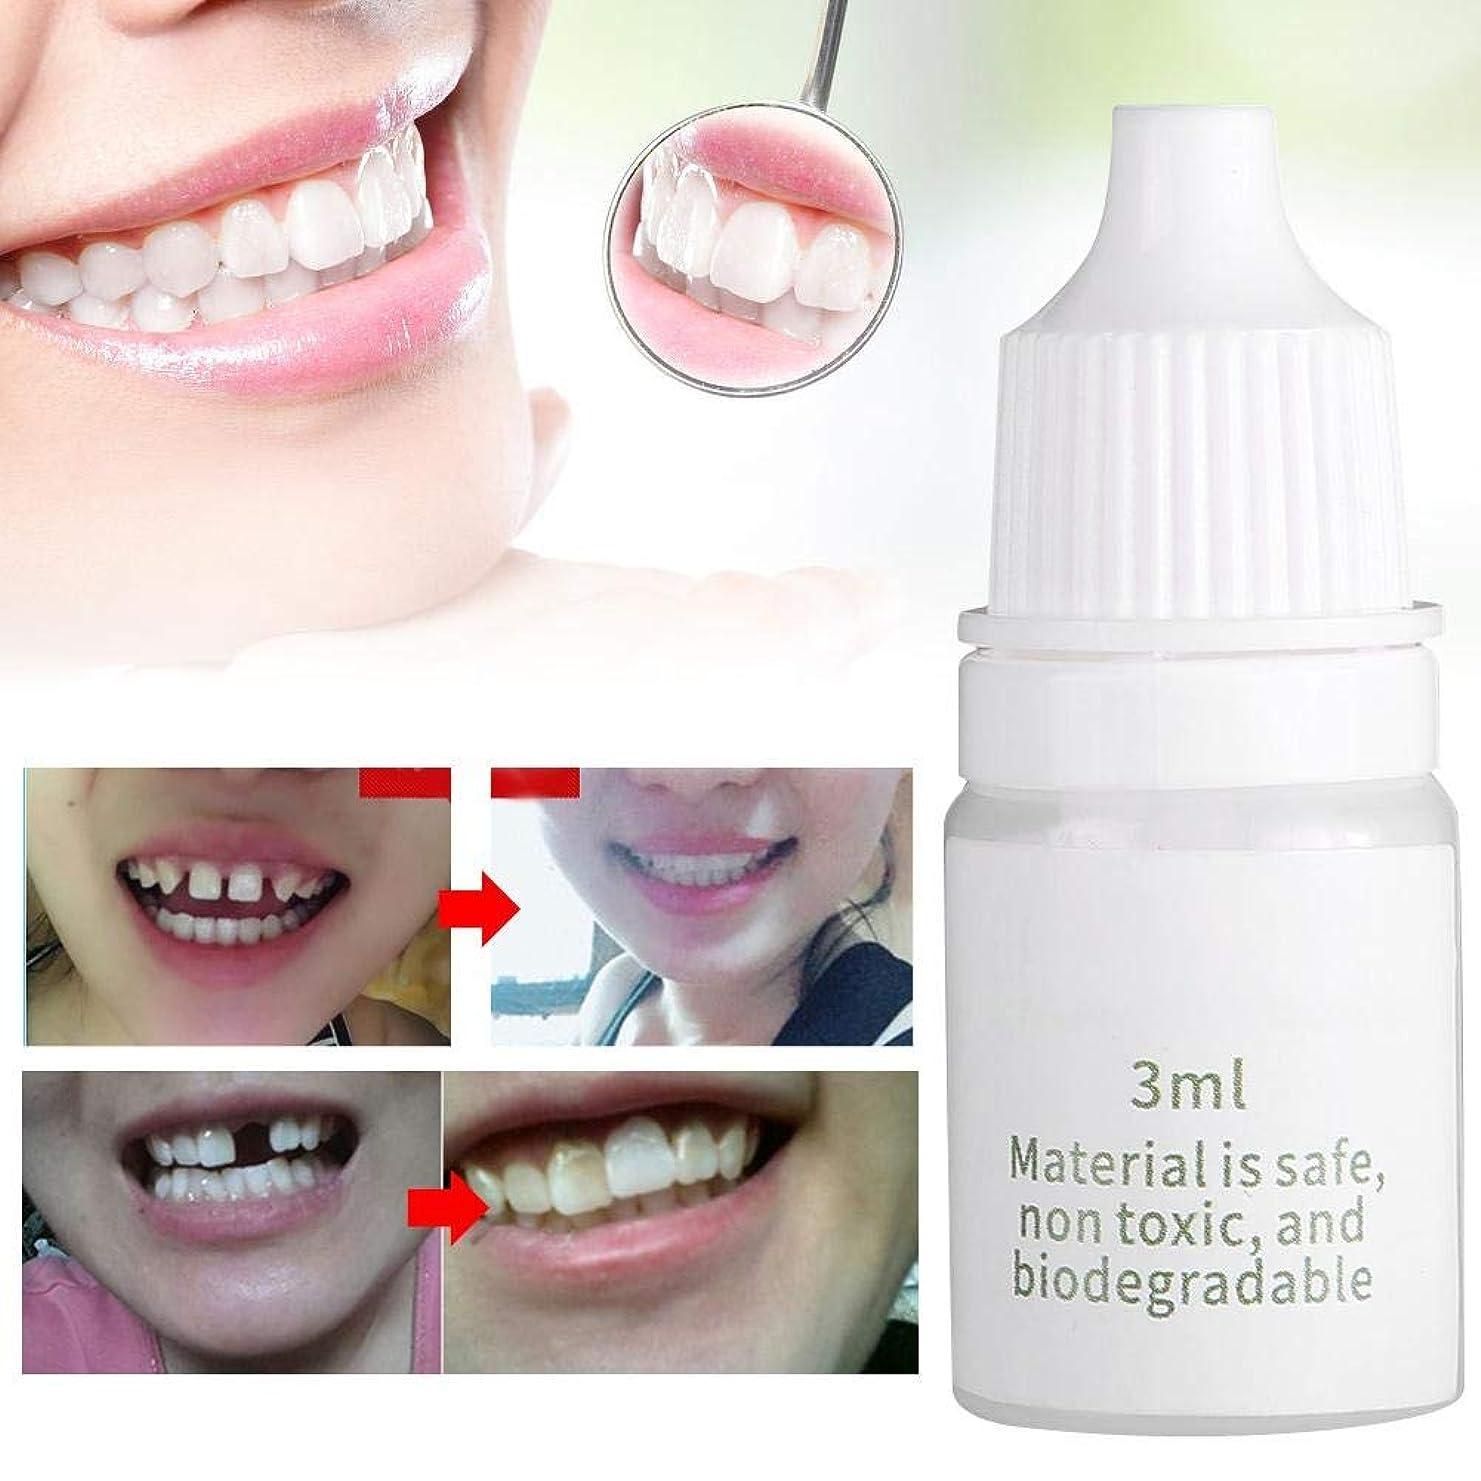 熟練した作り上げるボックス歯の充填材料、一時的な歯の修復修正壊れた歯歯科修復歯の充填材料歯科修復ツール